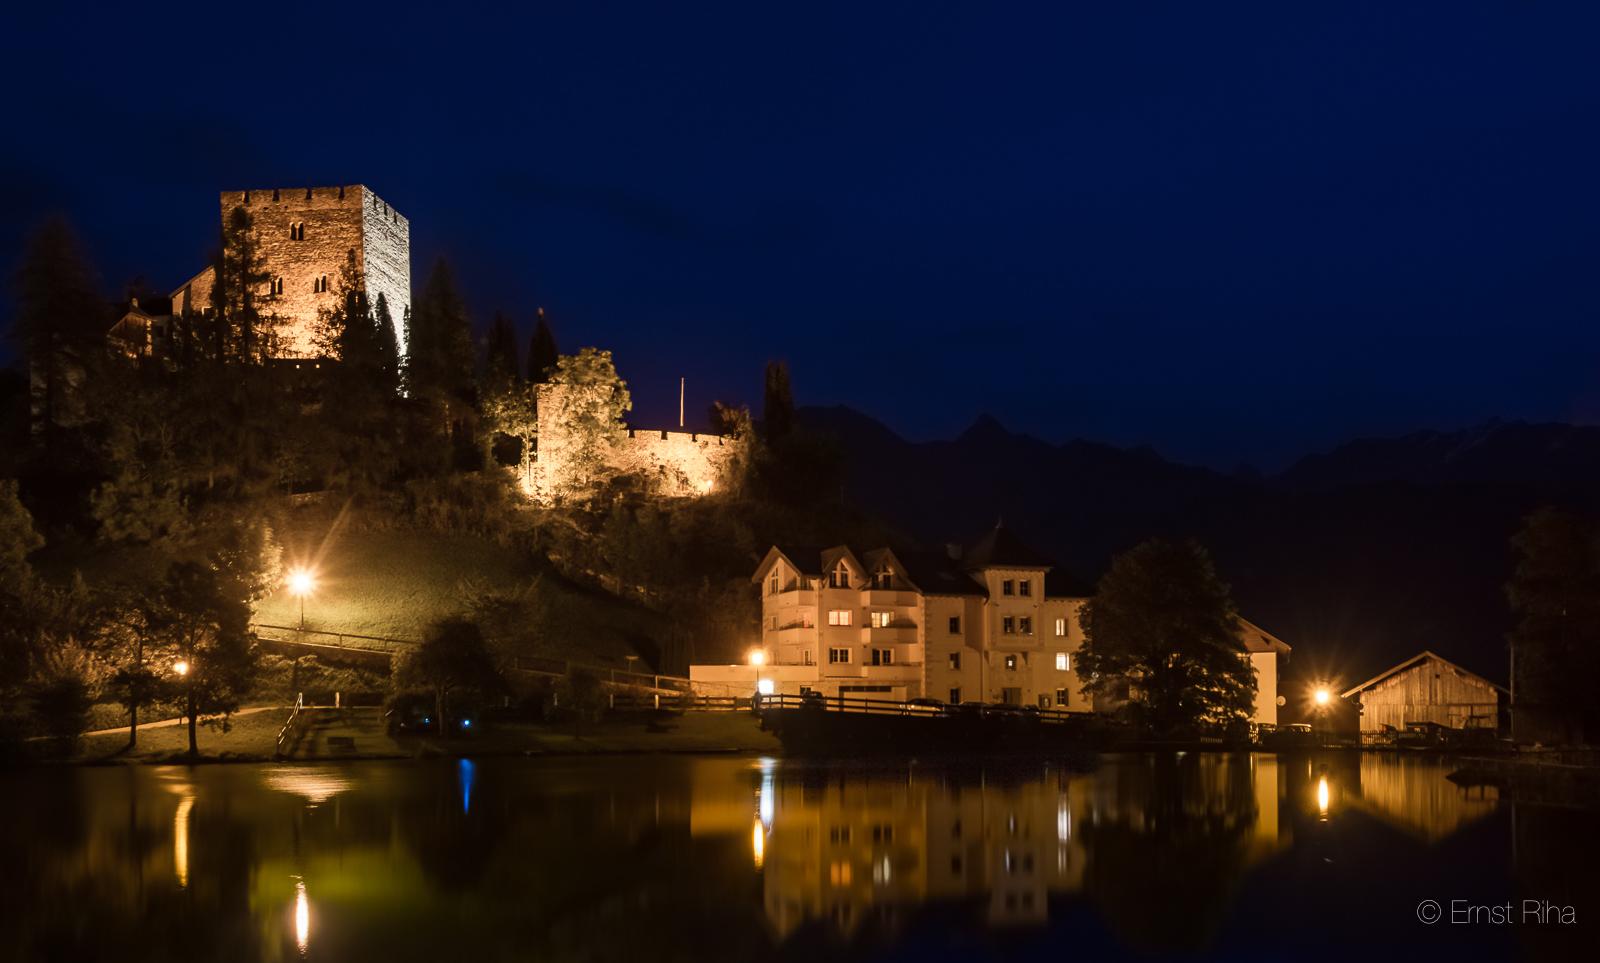 Klettersteig Quarzit Wand Burg Laudeck : Klettersteige ladis varianten auf dem klettersteig zur ruine